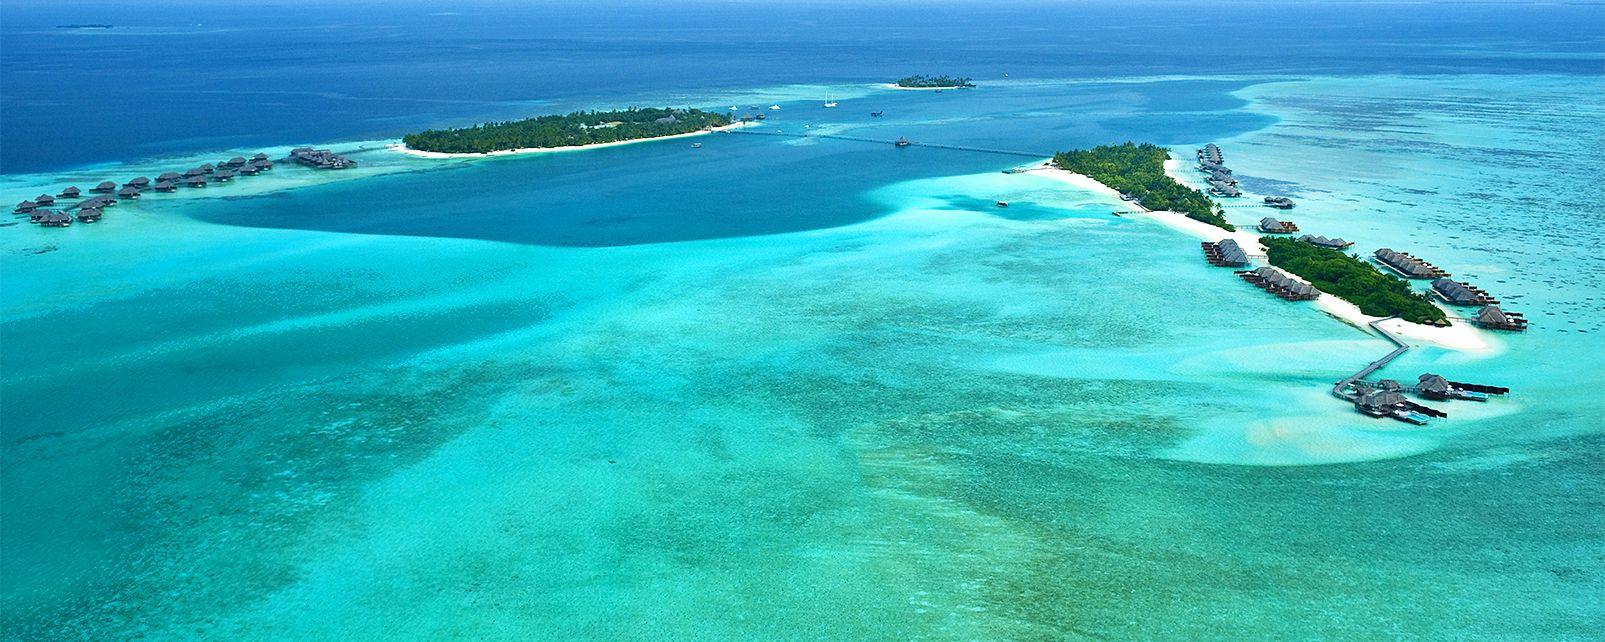 hotel conrad maldives rangali island in south ari atoll